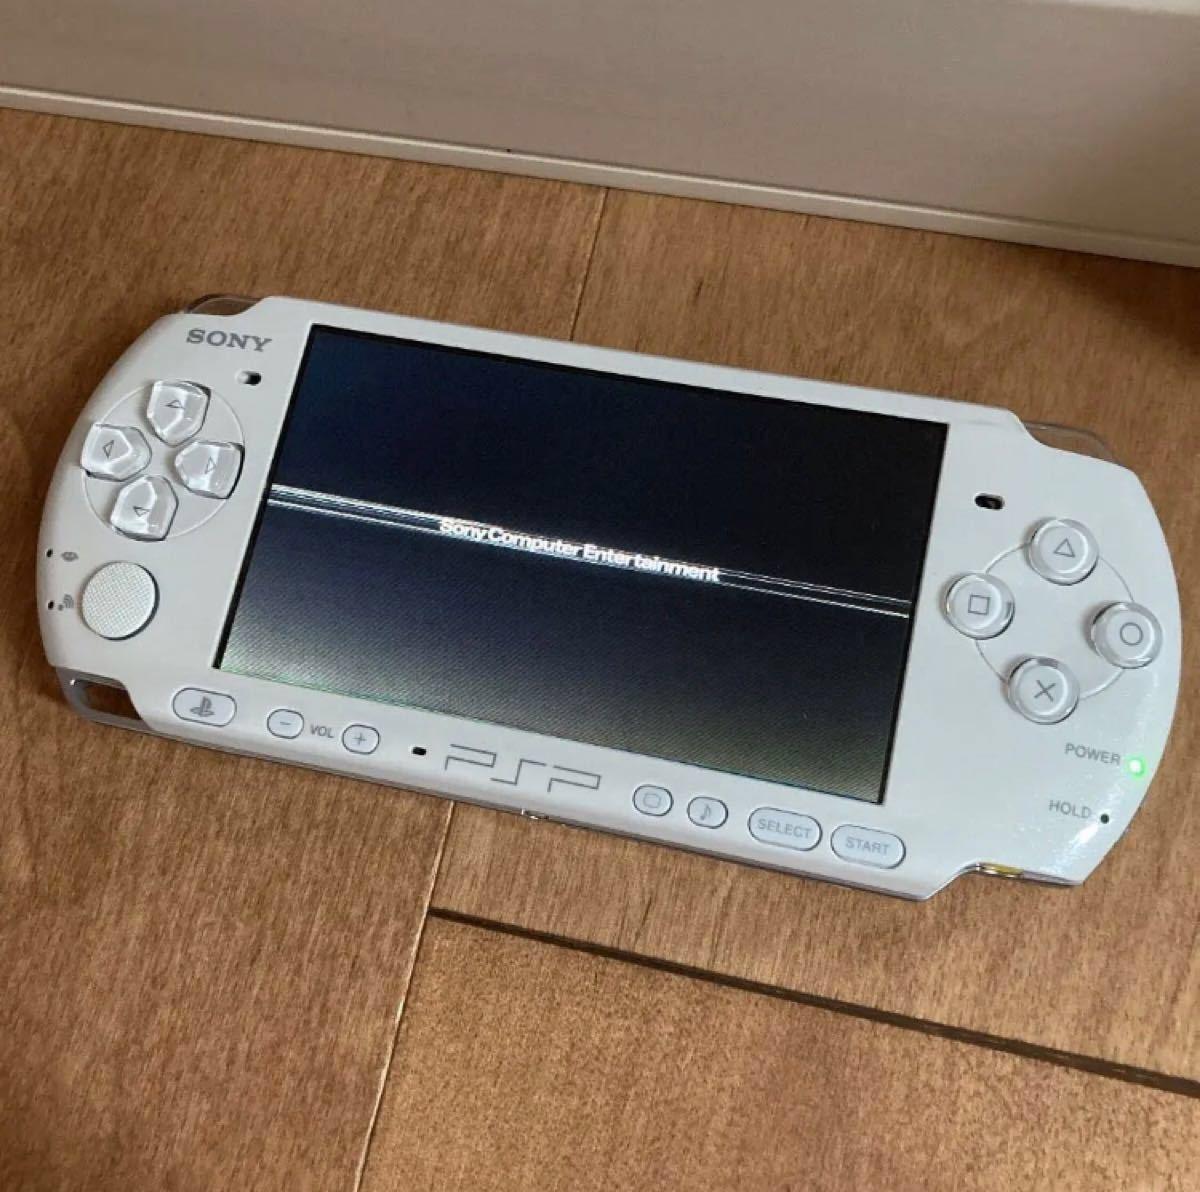 【ソフト5本付き】PSP-3000 SONY PSP パールホワイト ゲーム機